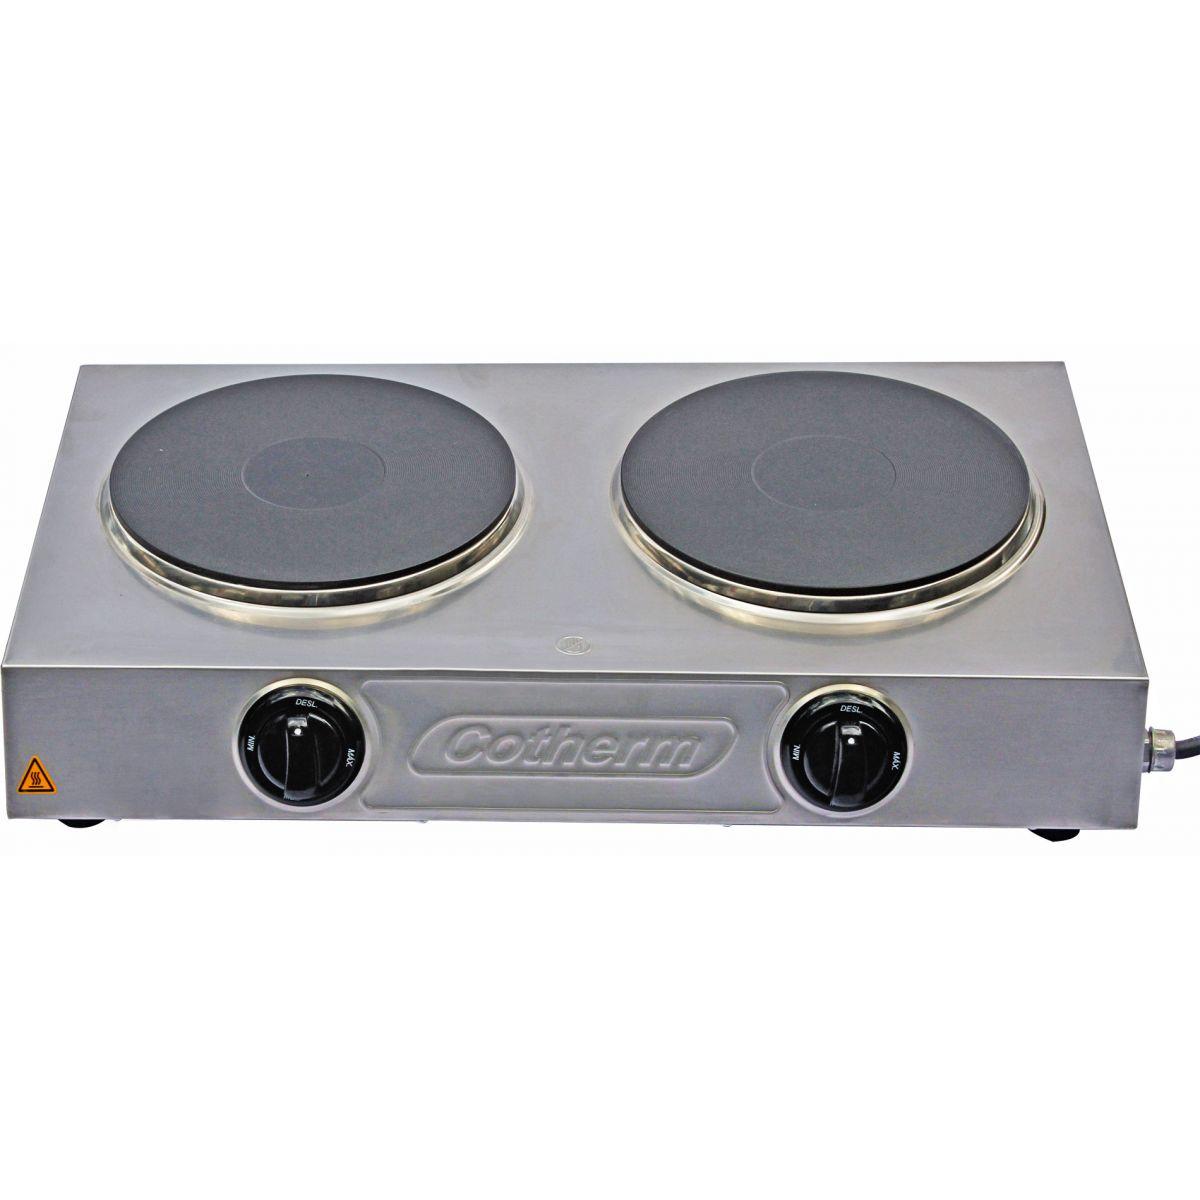 Hot Plate Profissional Ágata 2 Bocas 4000W Cotherm